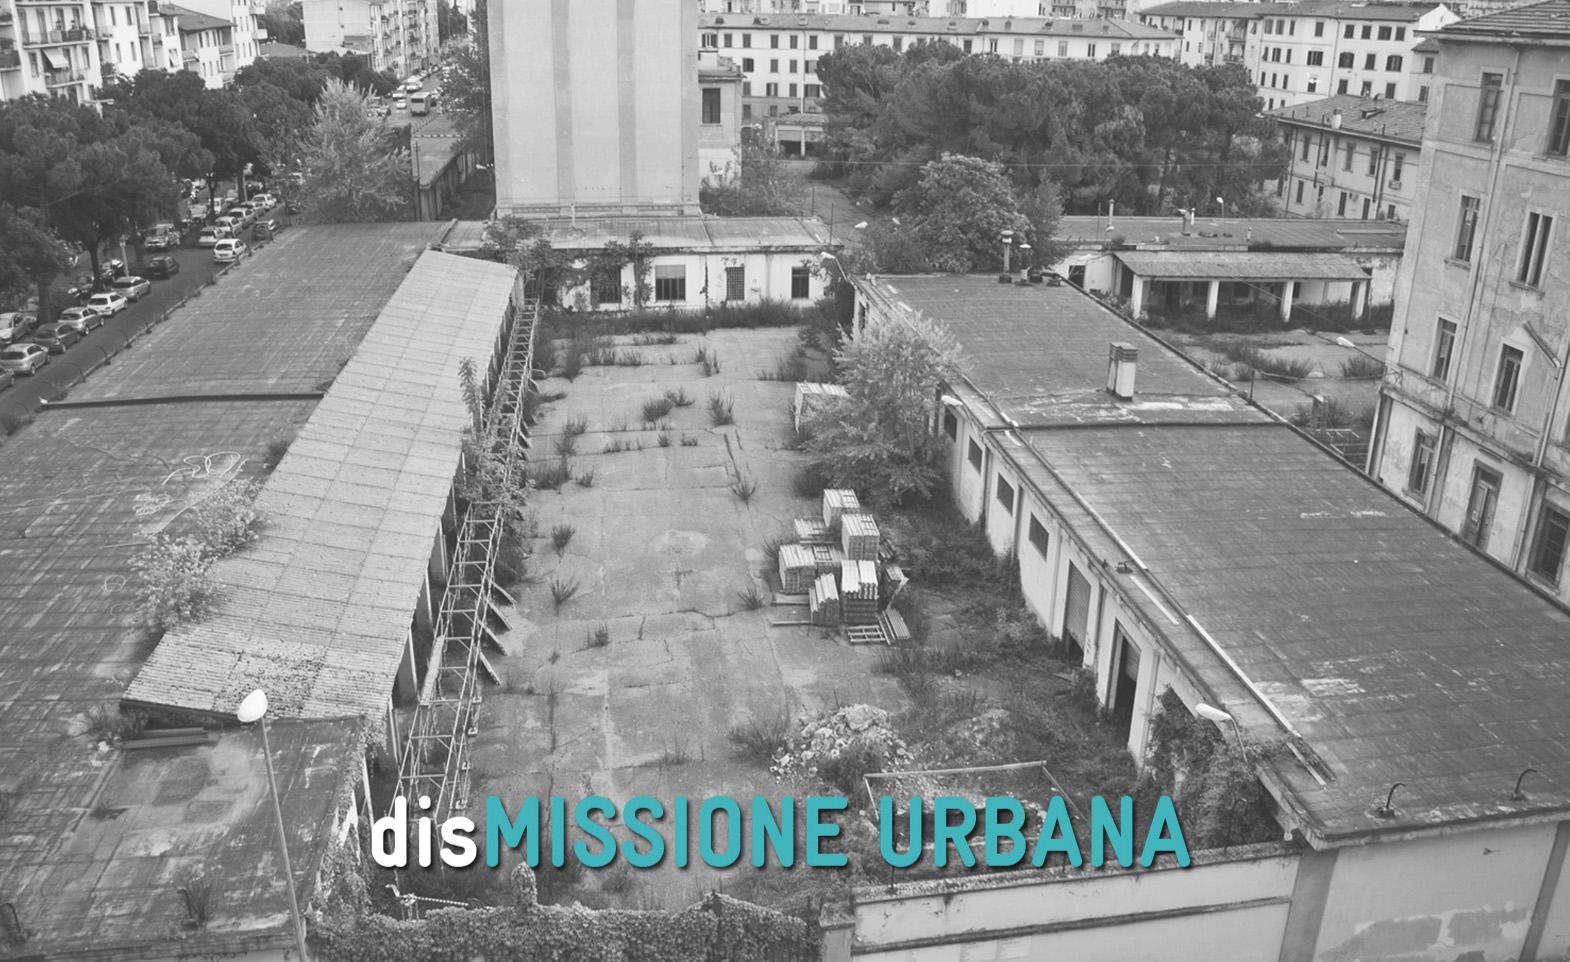 Dismissione urbana